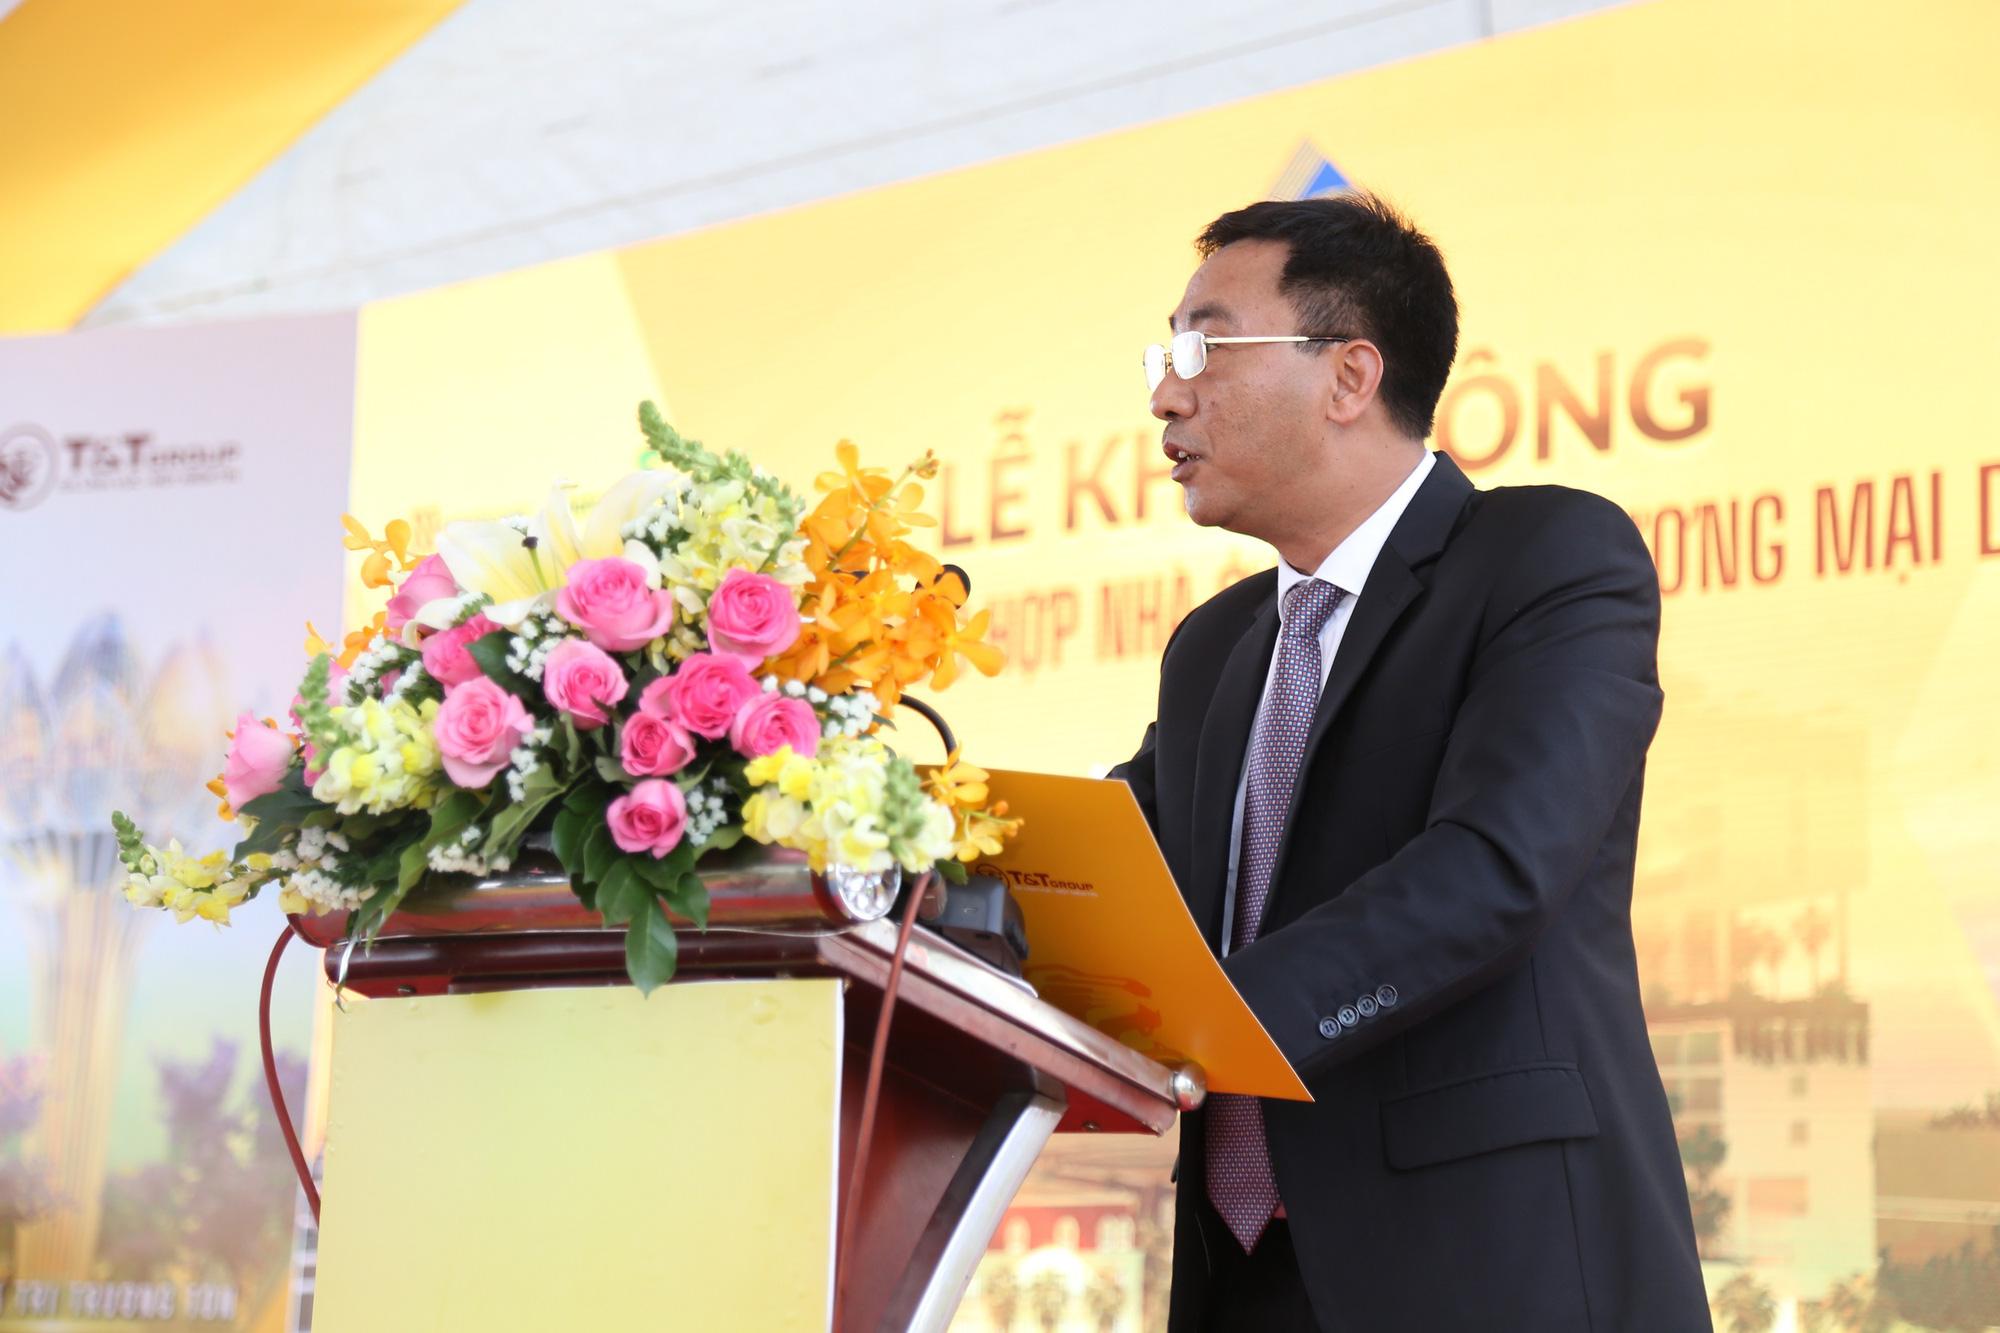 T&T Group khởi công khu phức hợp nhà ở - thương mại dịch vụ tại Trung tâm TP. Long Xuyên - Ảnh 2.